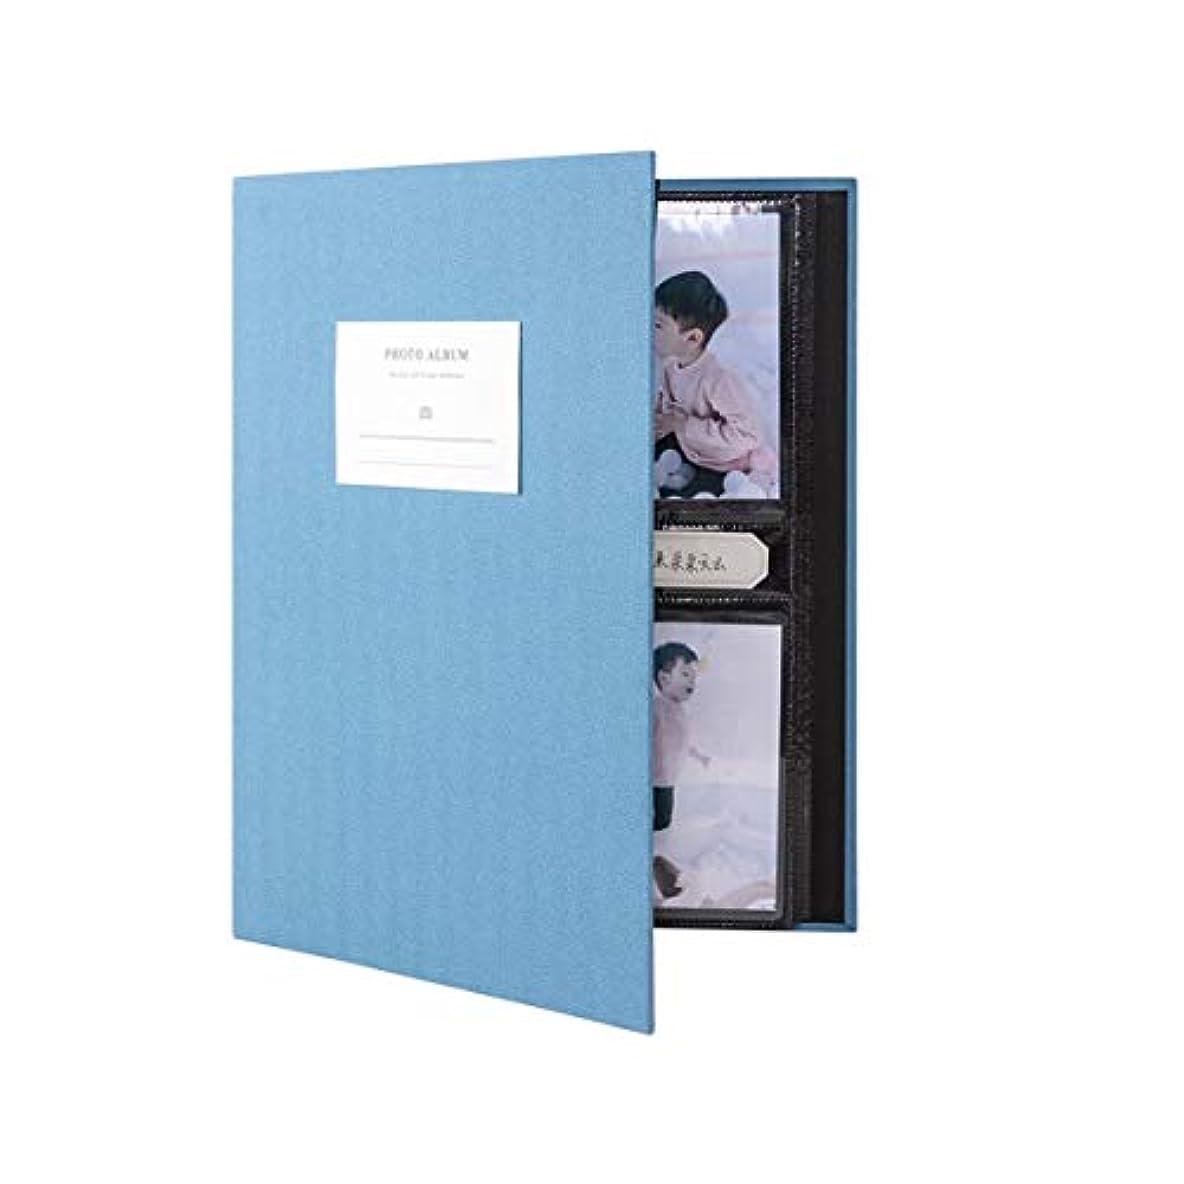 層注入する不可能なFRDYB 大容量フォトアルバム、記念アルバム、コレクション、インタースティシャル3インチ5インチ10インチフォトストレージブック (Color : Blue, Size : Mixing)